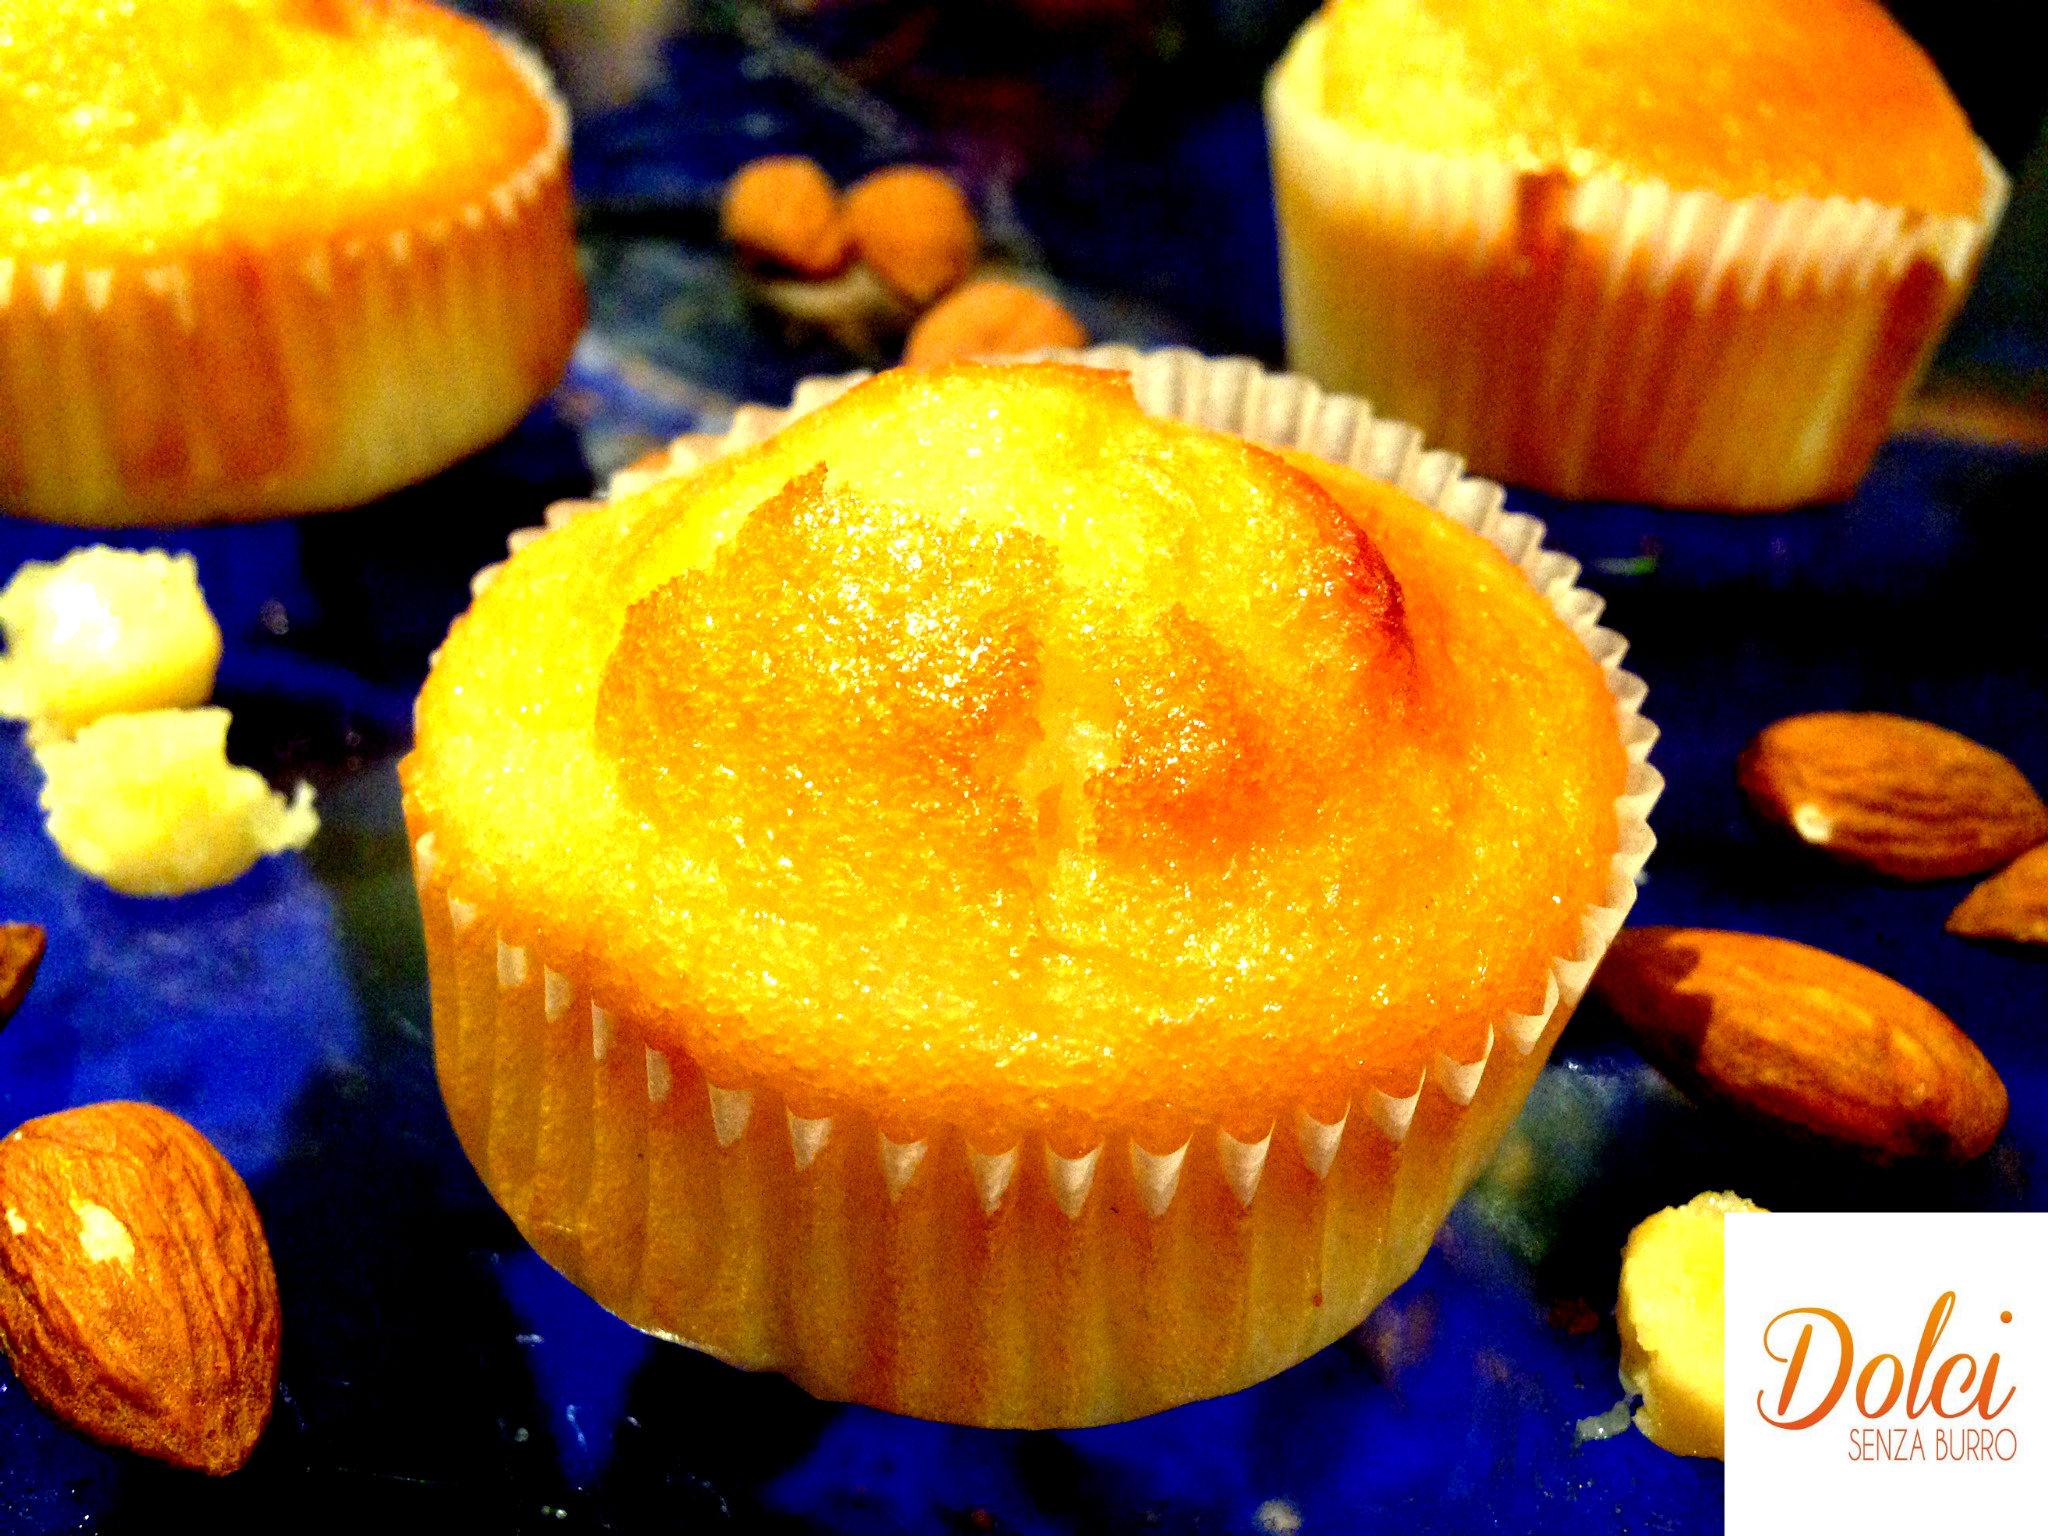 muffin al cioccolato bianco e mandorle senza burro, il muffin goloso di dolci senza burro